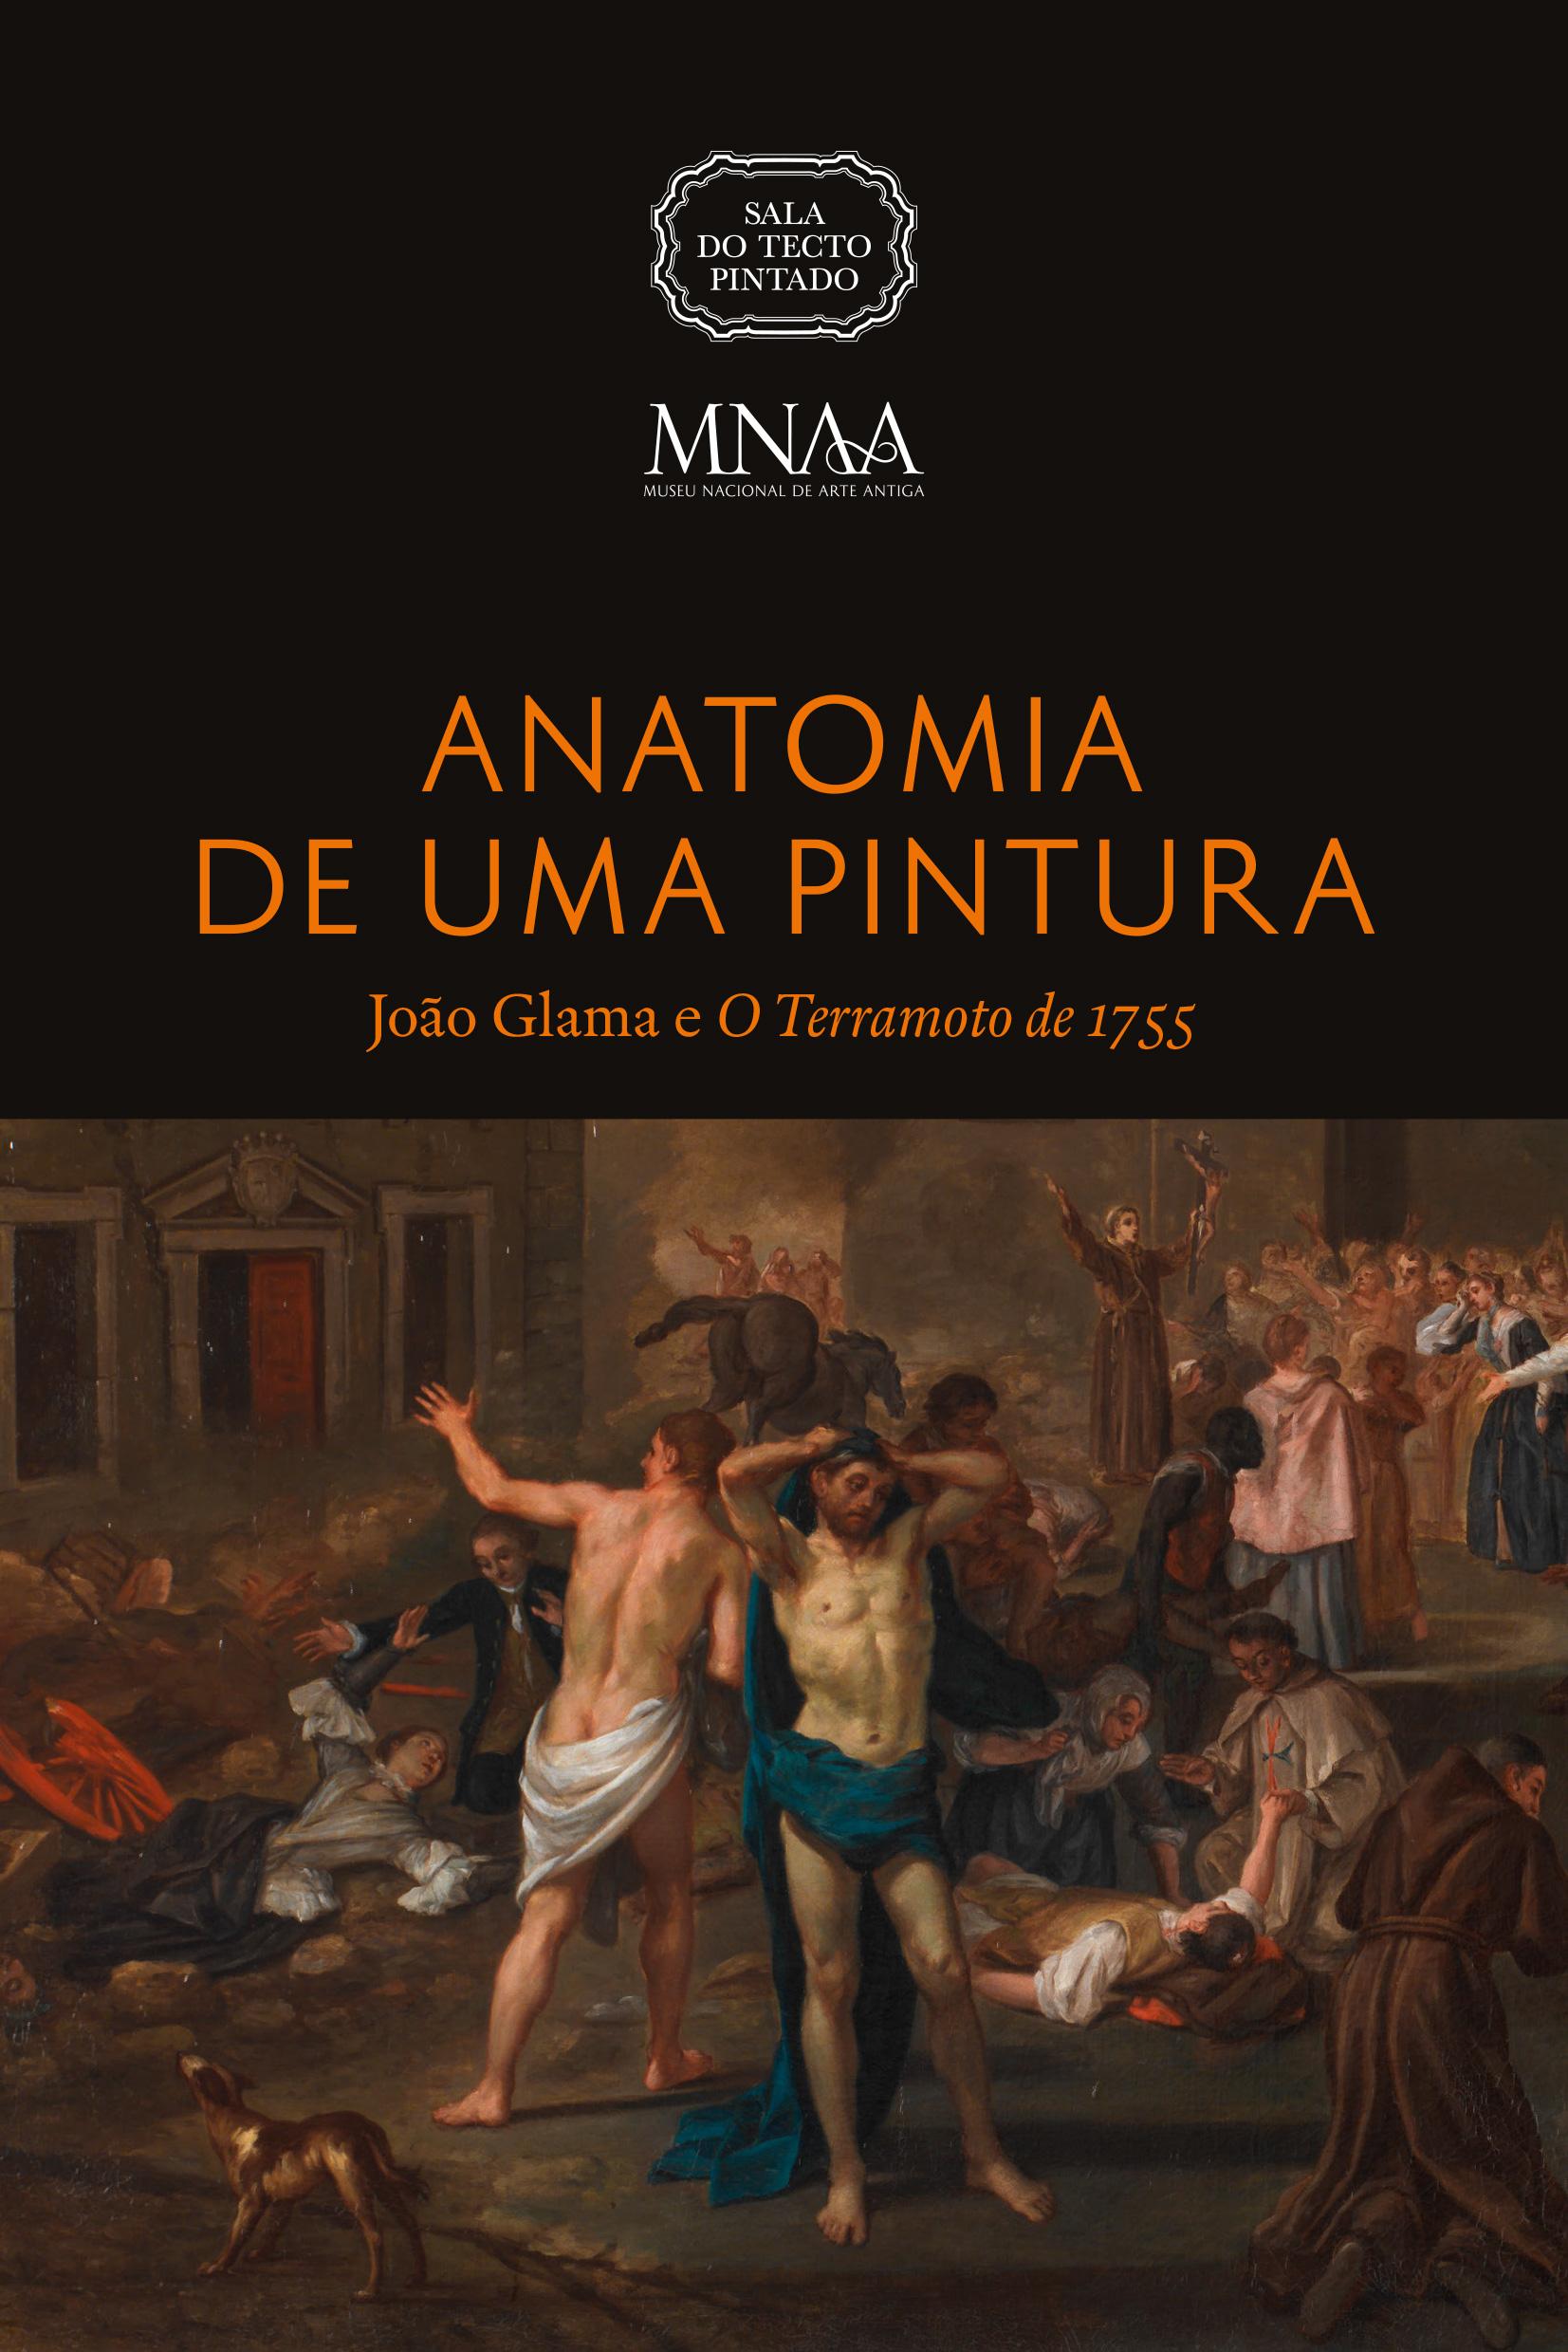 Anatomia de uma Pintura - João Glama e o Terramoto de 1755 - Capa catálogo